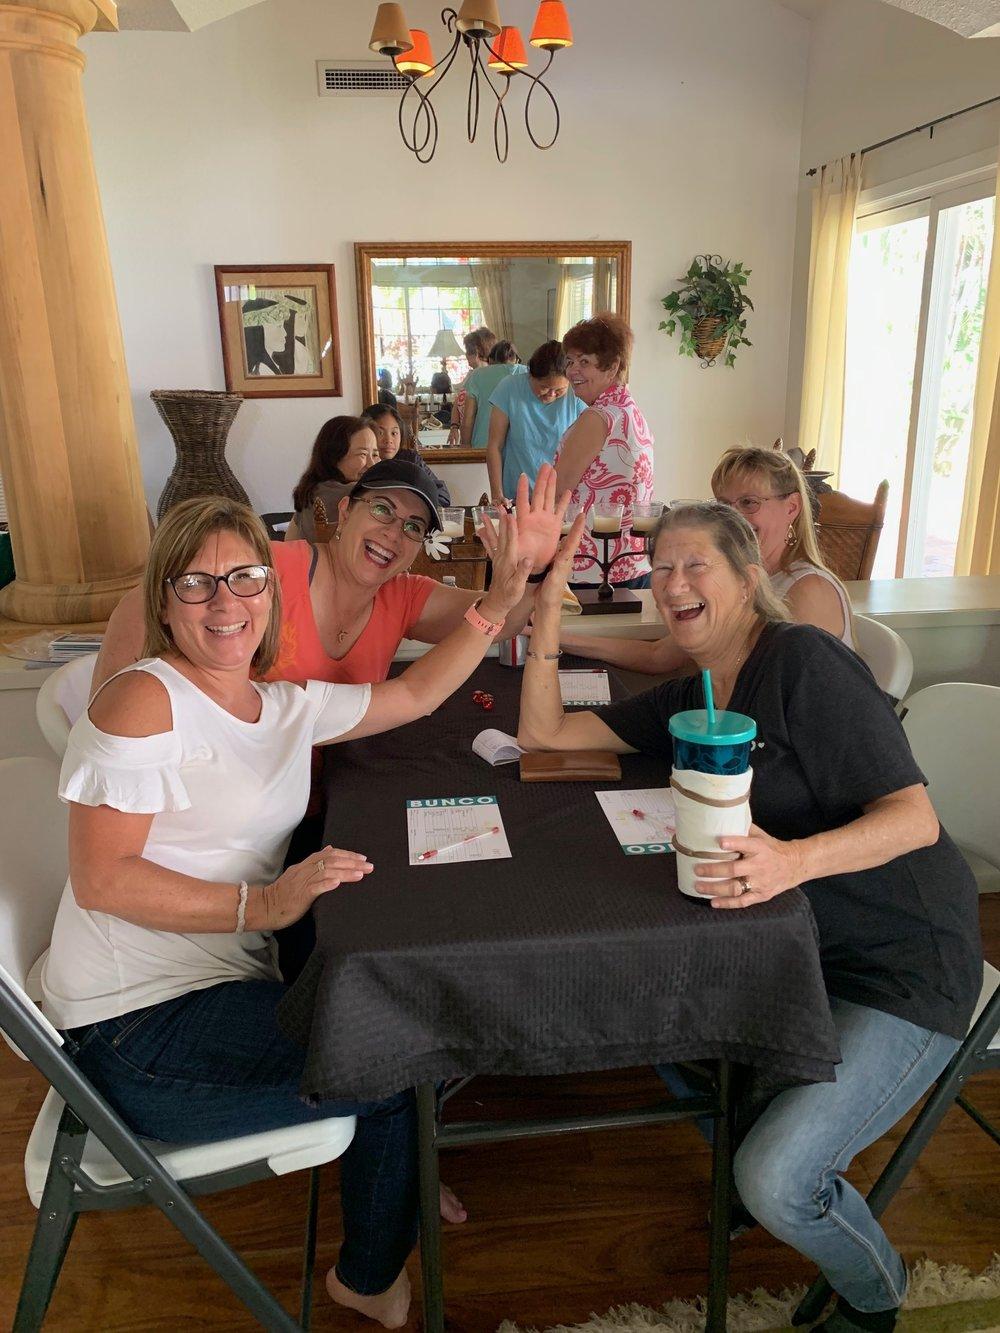 Bunco Fun with 3 Lori's